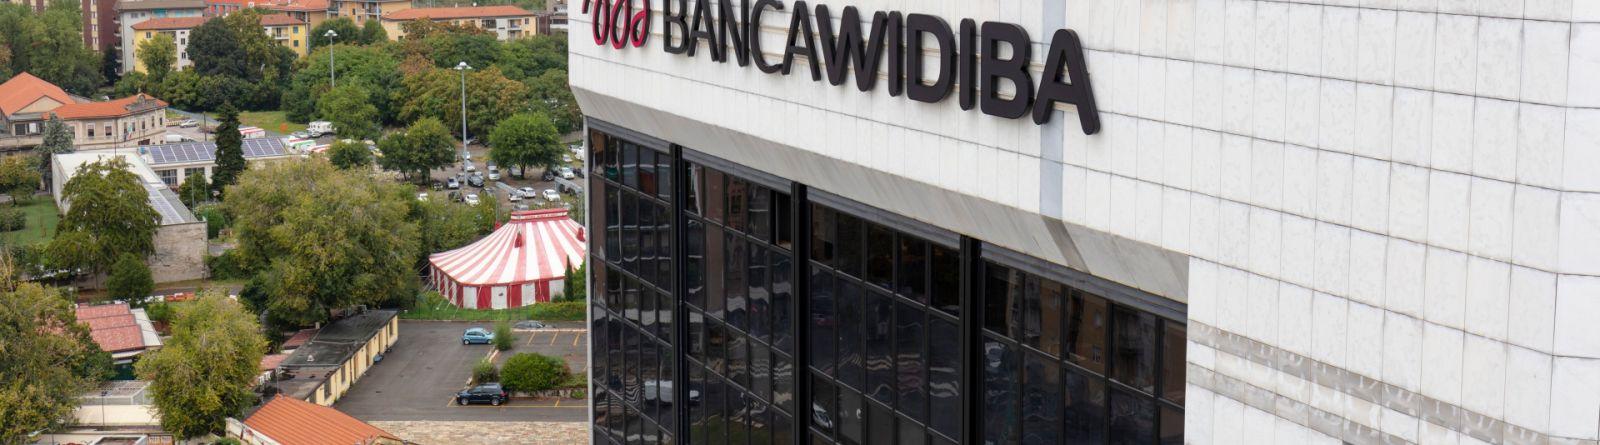 Banca Widiba, nuova brand identityCambiano logo, sito e uffici